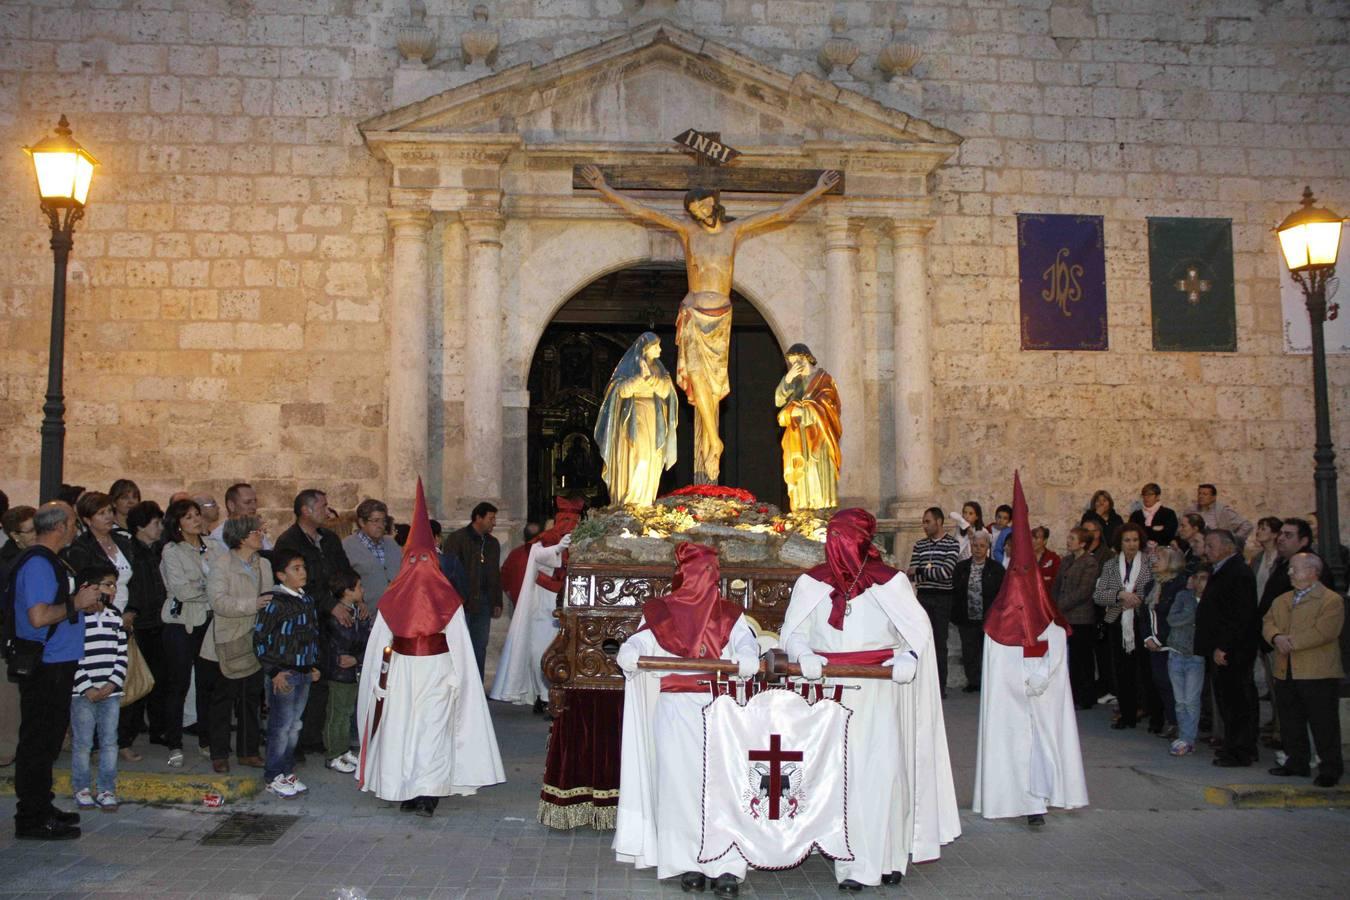 Procesión del Cristo de la Buena Muerte en Peñafiel. Valladolid